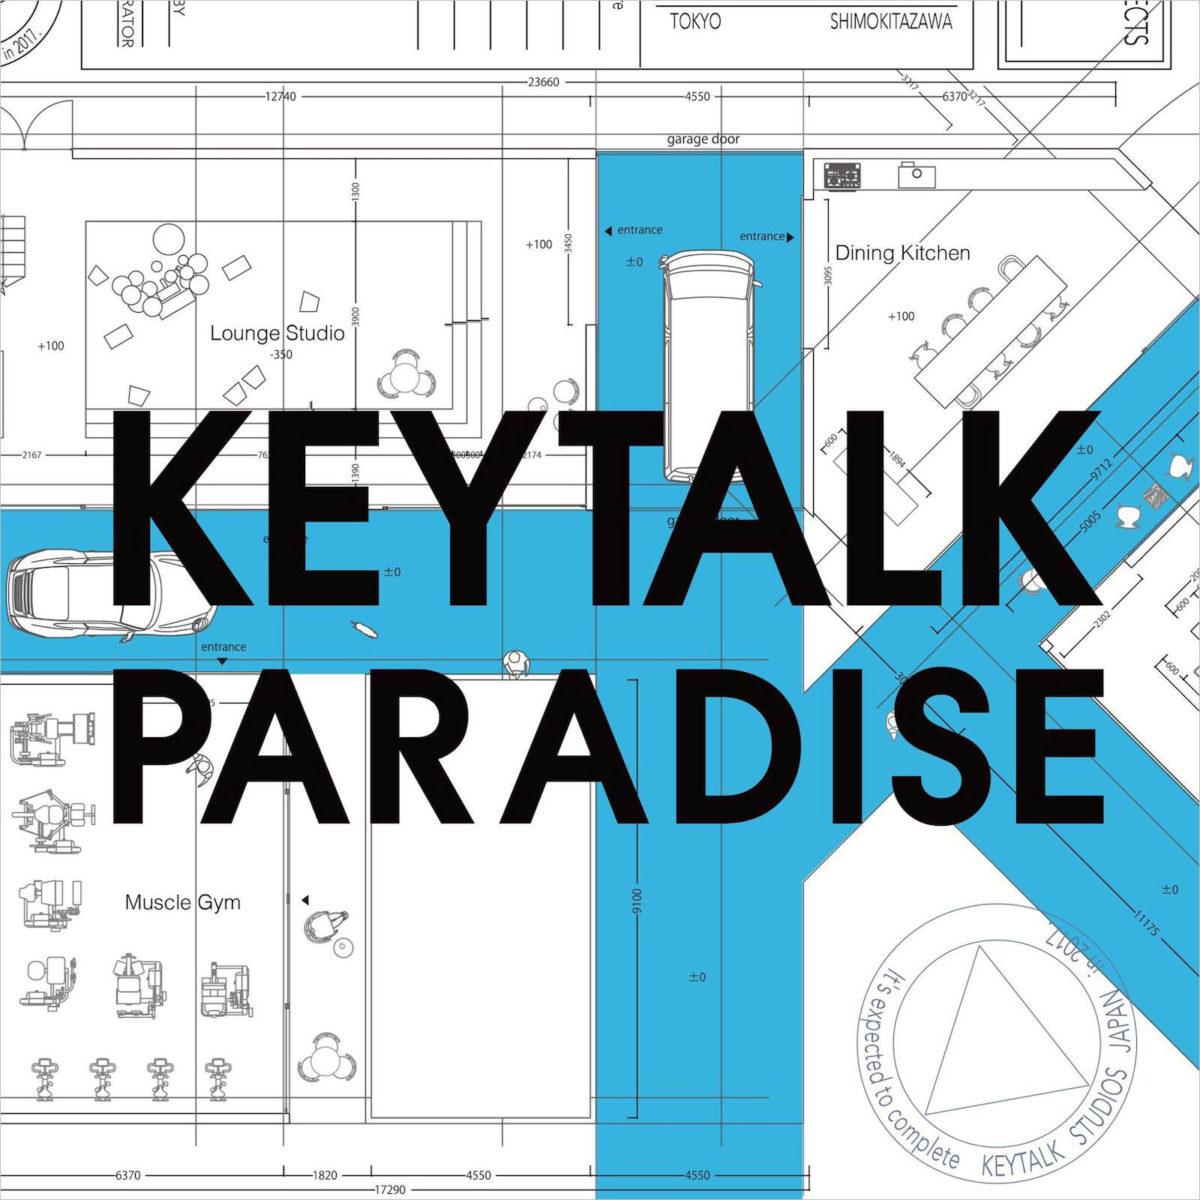 KEYTALK『PARADISE』 / CDジャケットデザイン